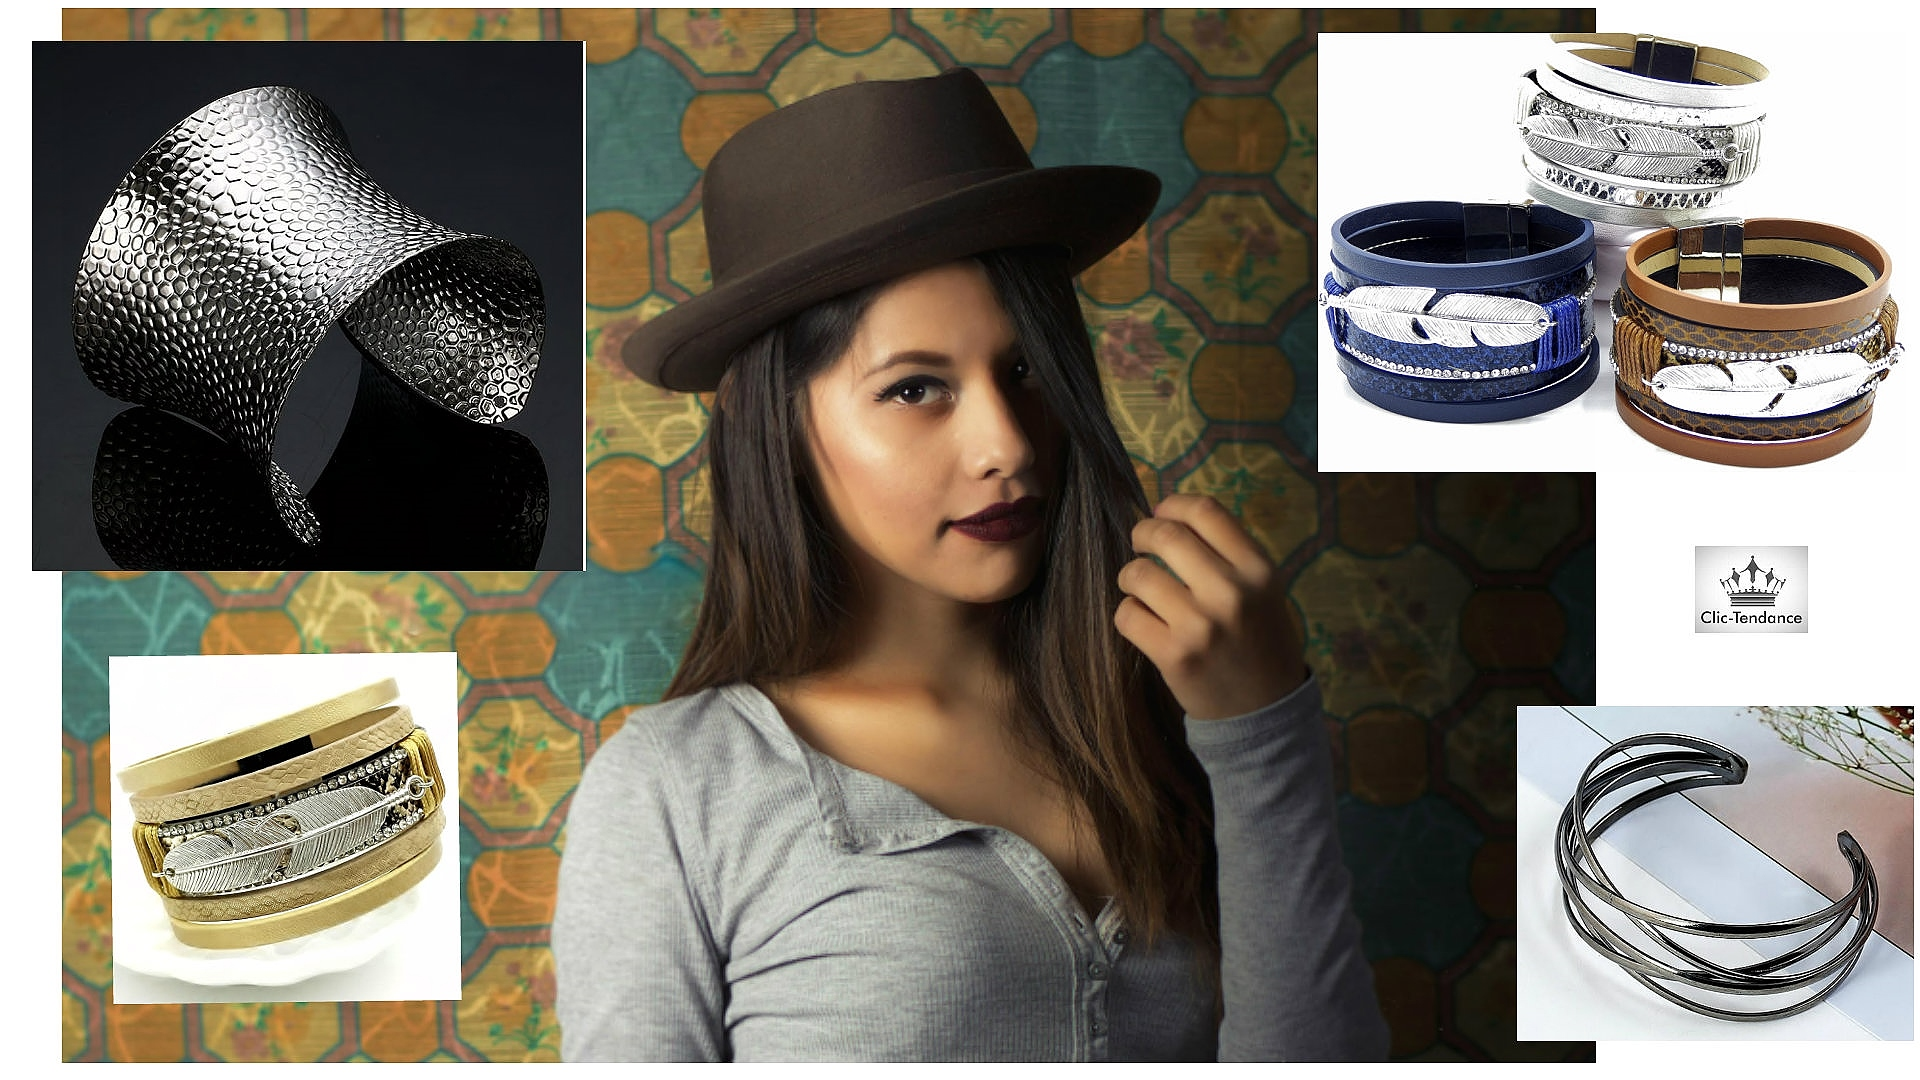 Manchette femme - un Bracelet Glamour et fantaisie metal - Multirang cuir